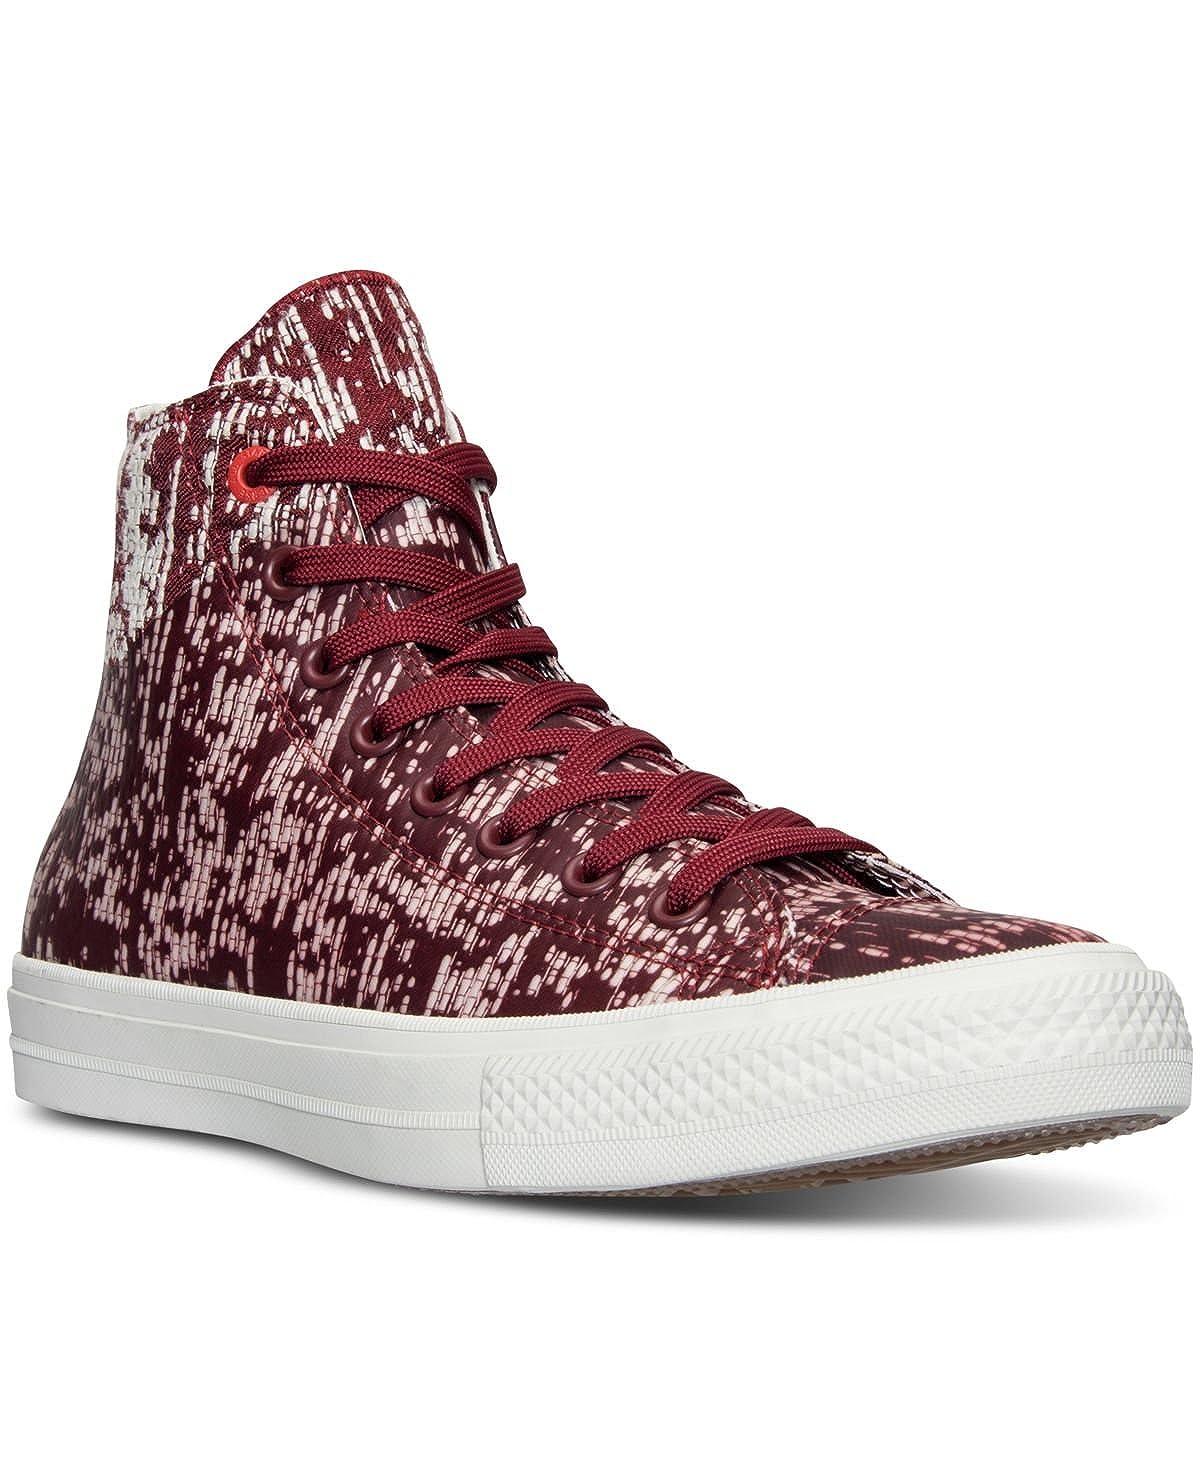 Zapatillas de deporte unisex Chuck Taylor All Star II Hi Top (11.5 D (M), Red Block / Buff): Amazon.es: Zapatos y complementos